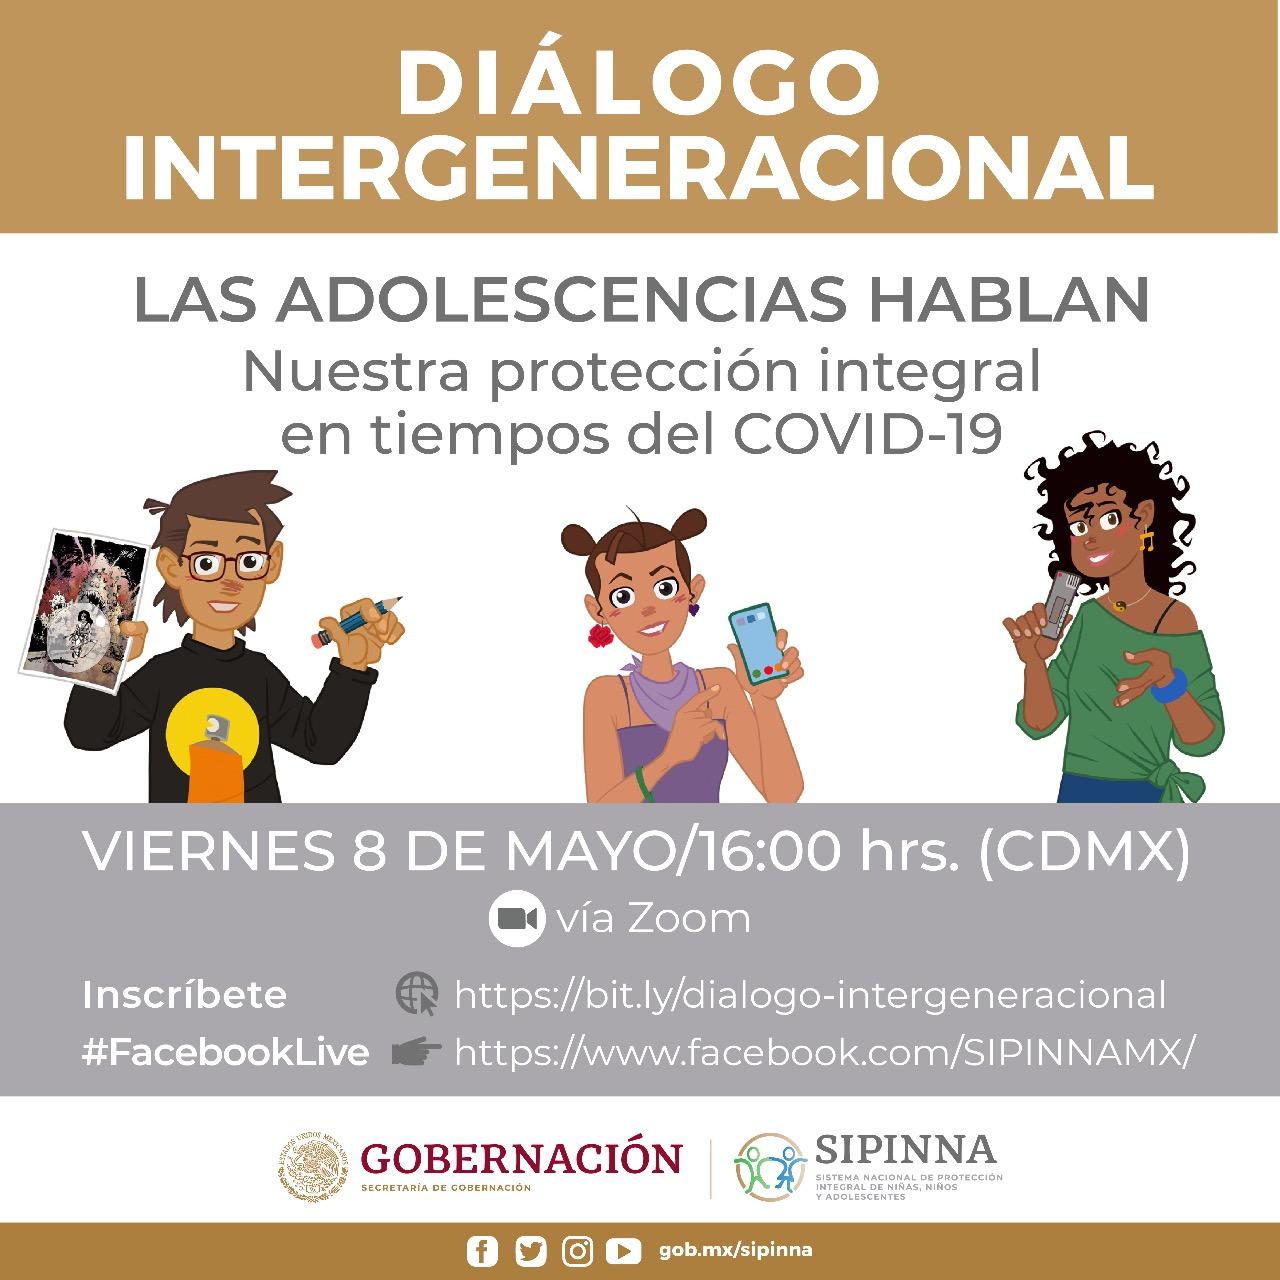 Las adolescencias hablan. Nuestra protección integral en tiempos del COVID-19